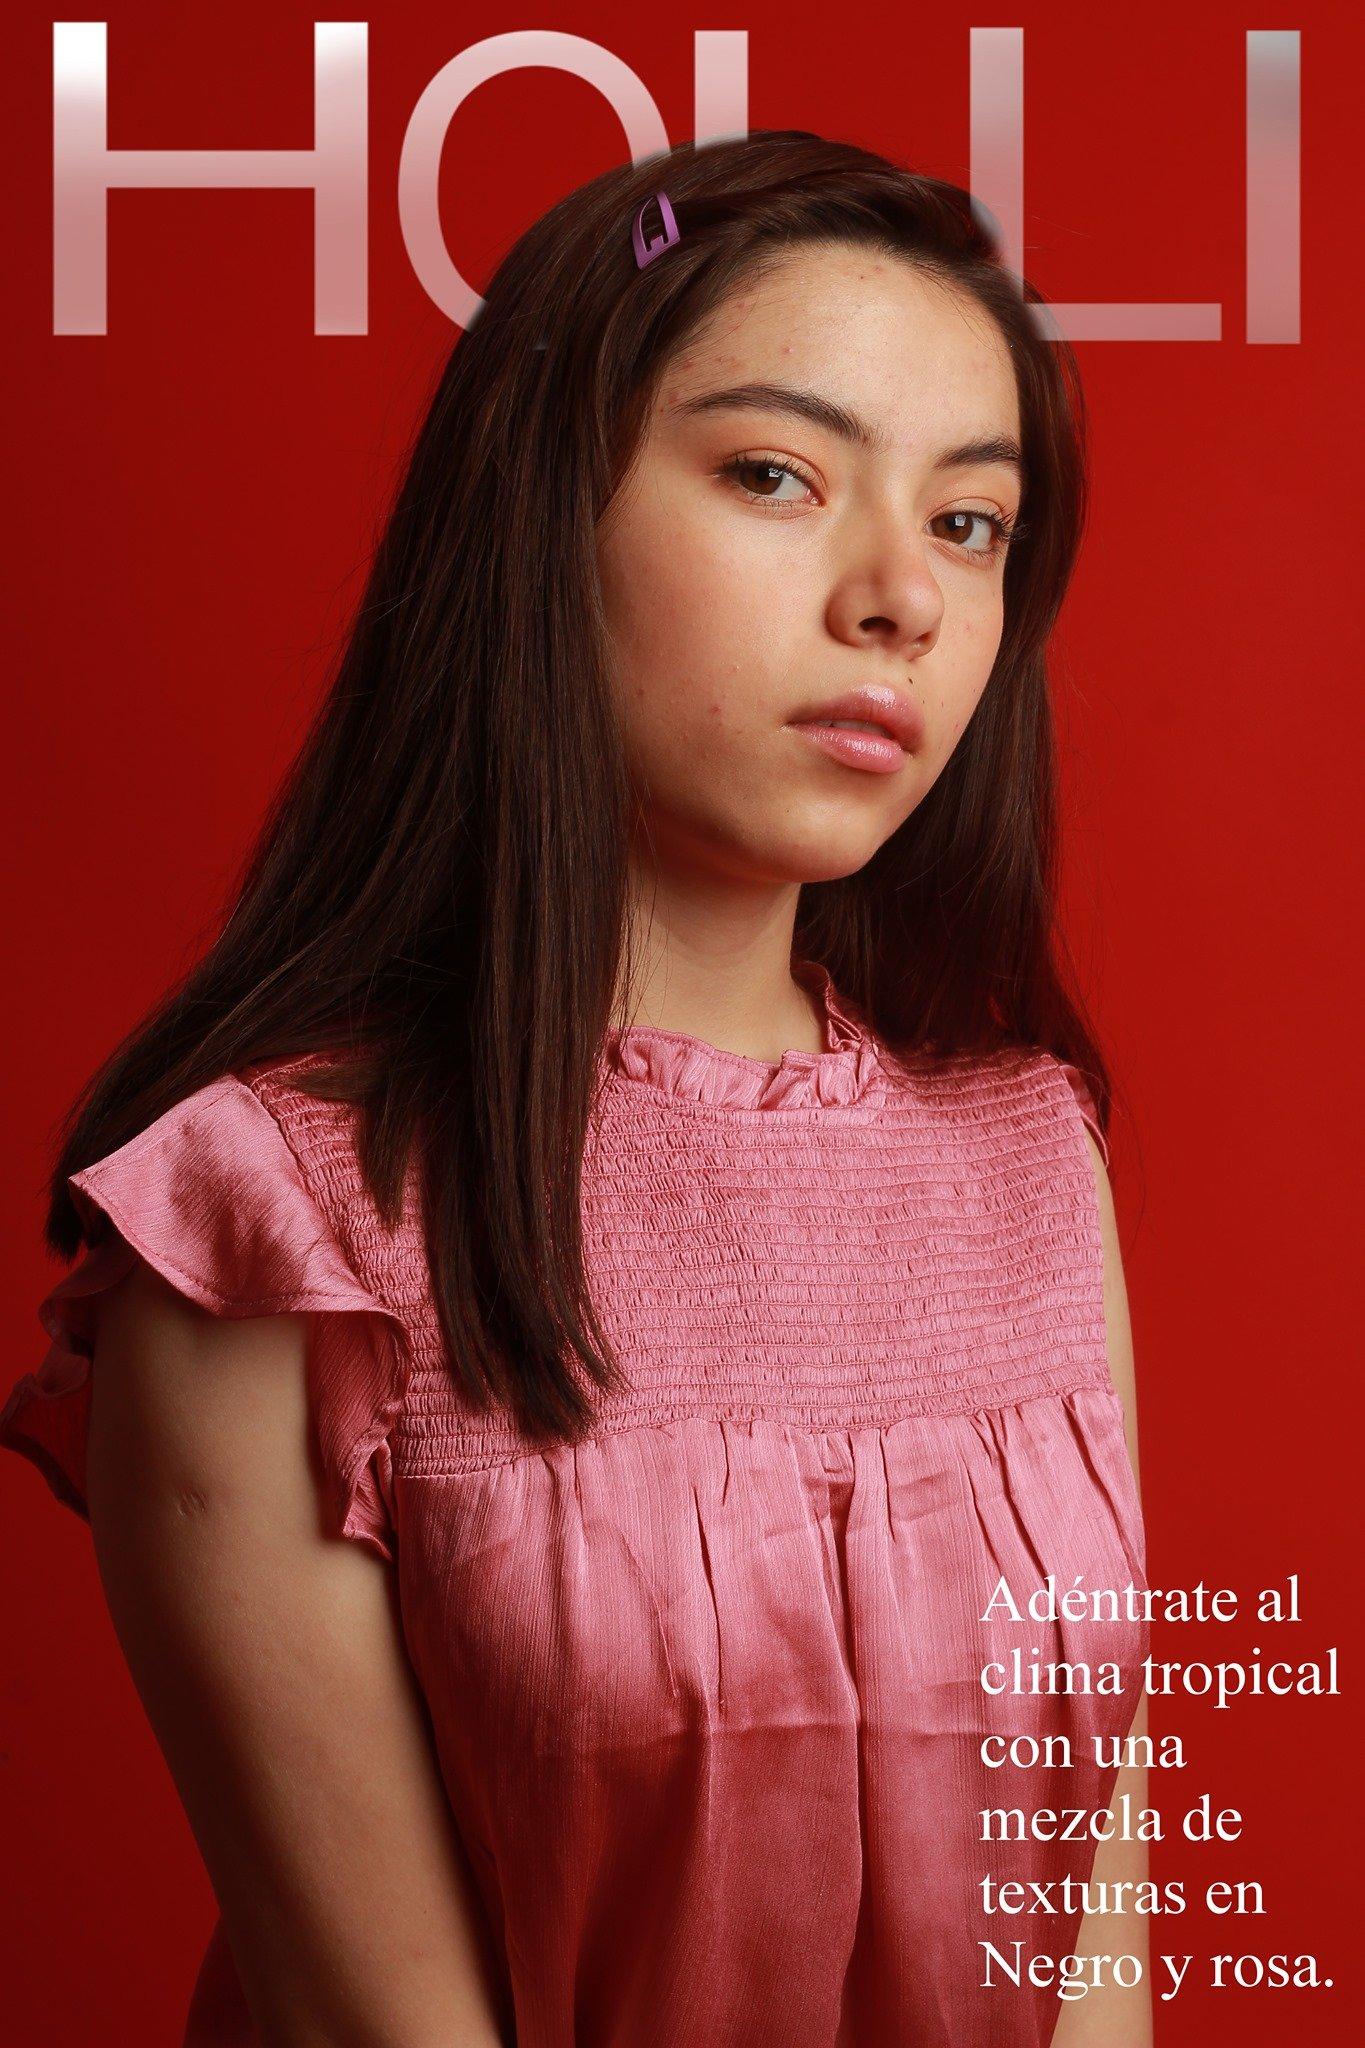 Fotos para revista Holli Enero 2021 Modelo Liliana Nava